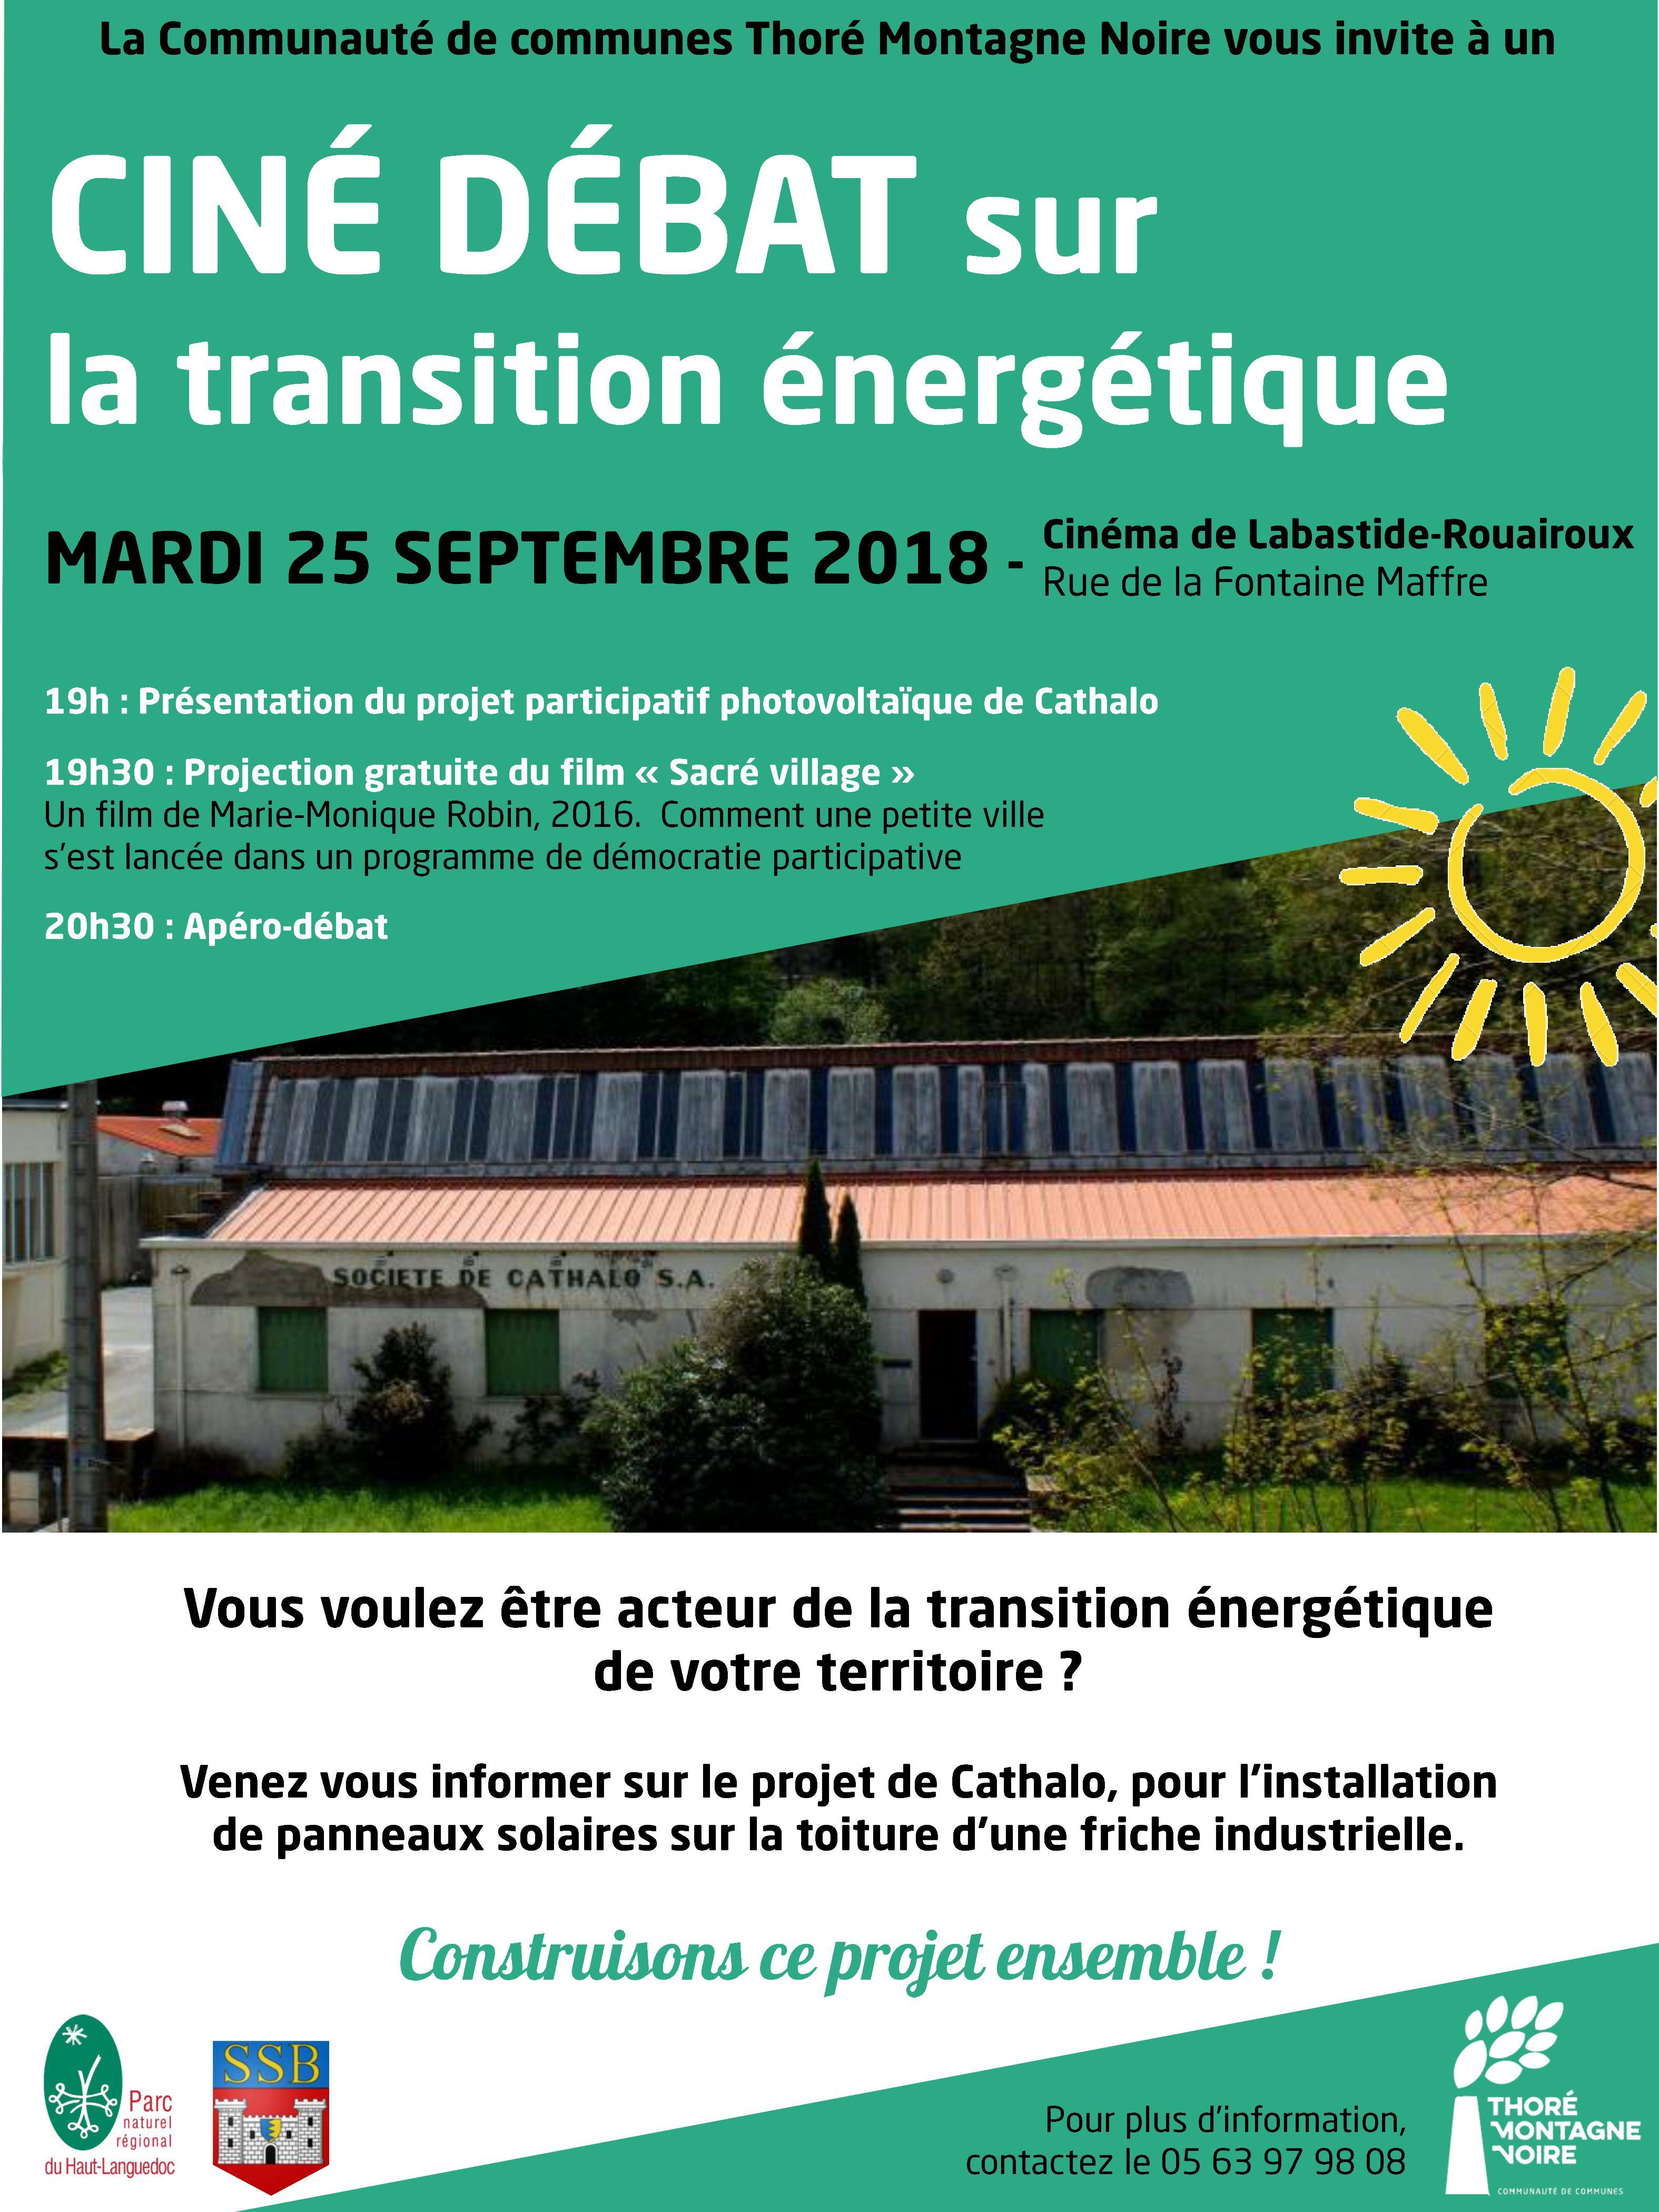 Ciné Débat sur la transition énergétique